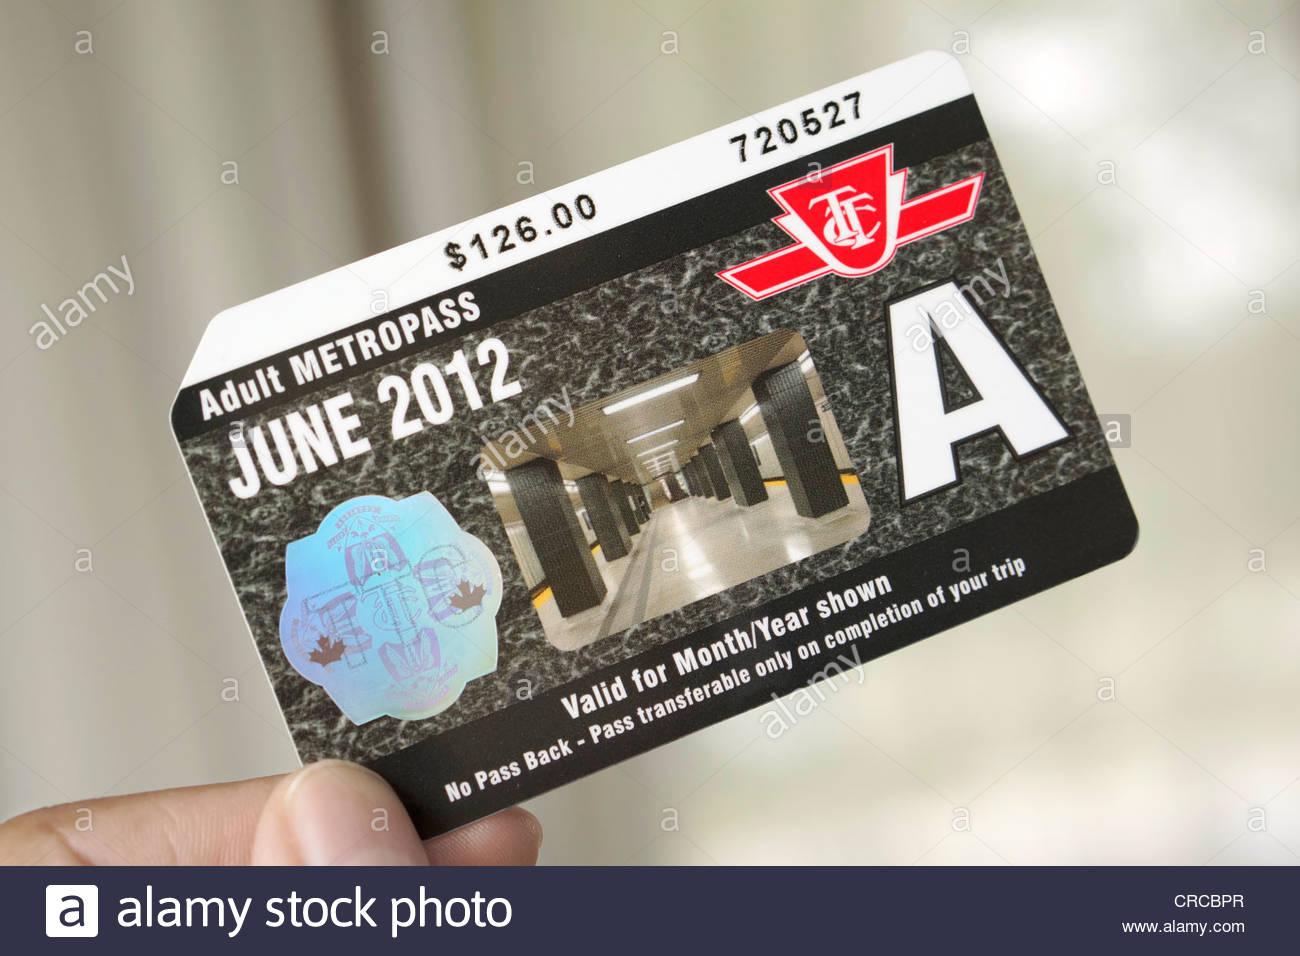 Metro Card Stock Photos & Metro Card Stock Images - Alamy